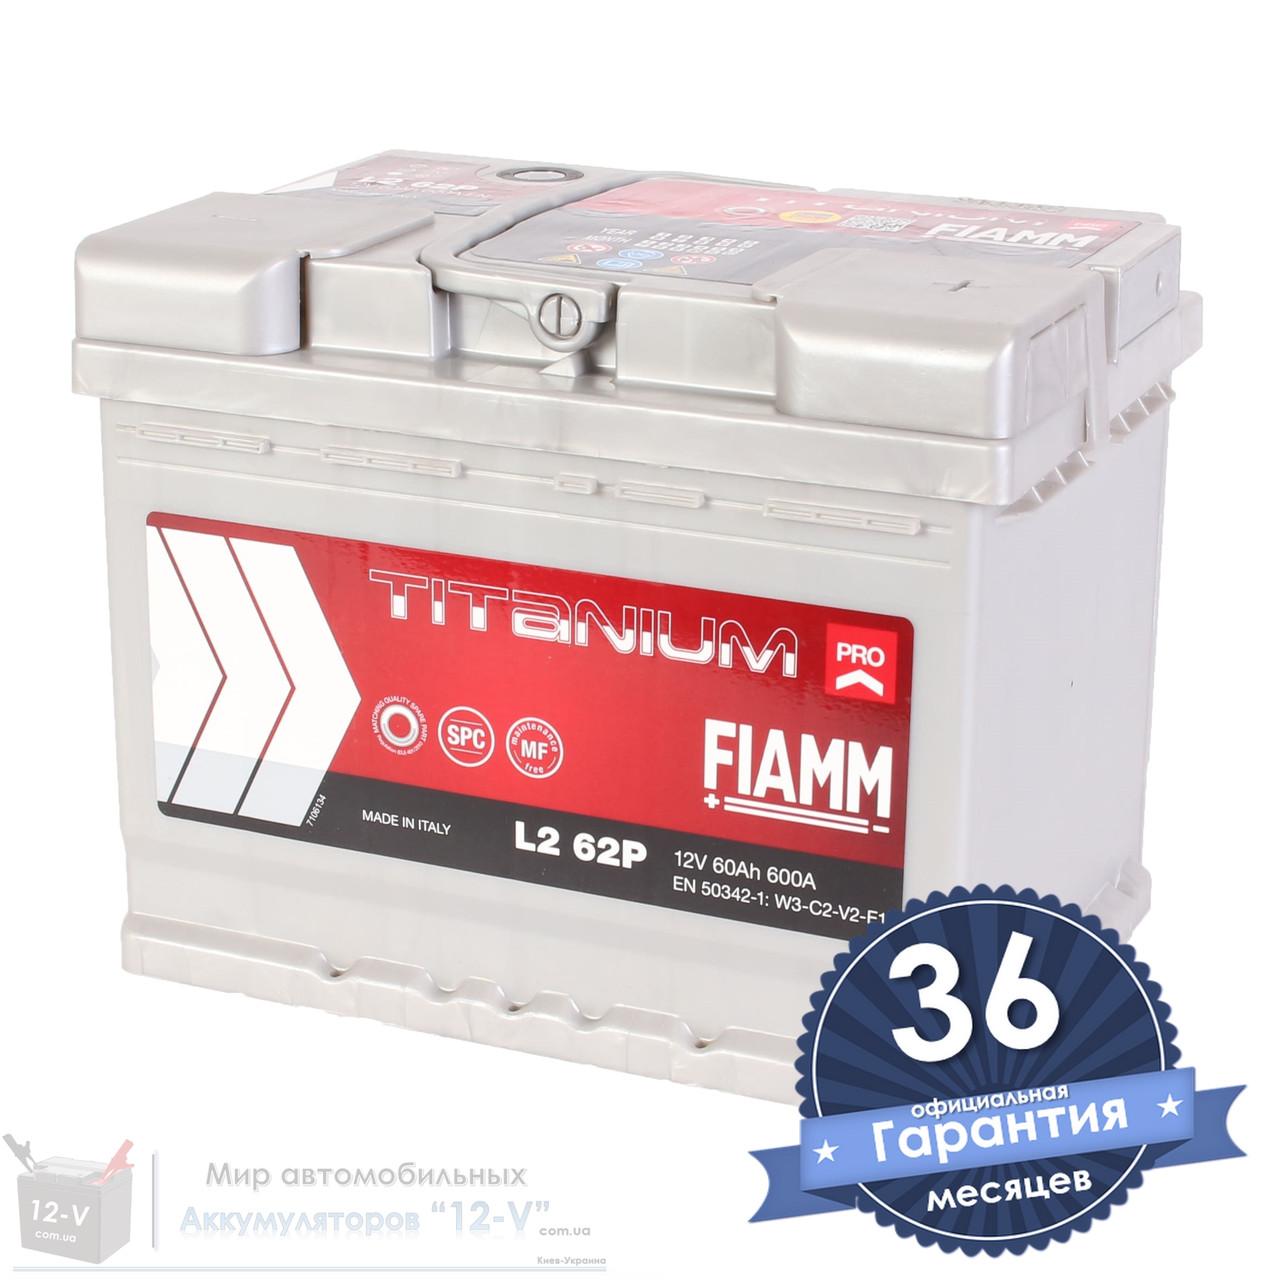 Аккумулятор автомобильный FIAMM Titanium Pro 6CT 60Ah, пусковой ток 600А [–|+] (L2 62P)